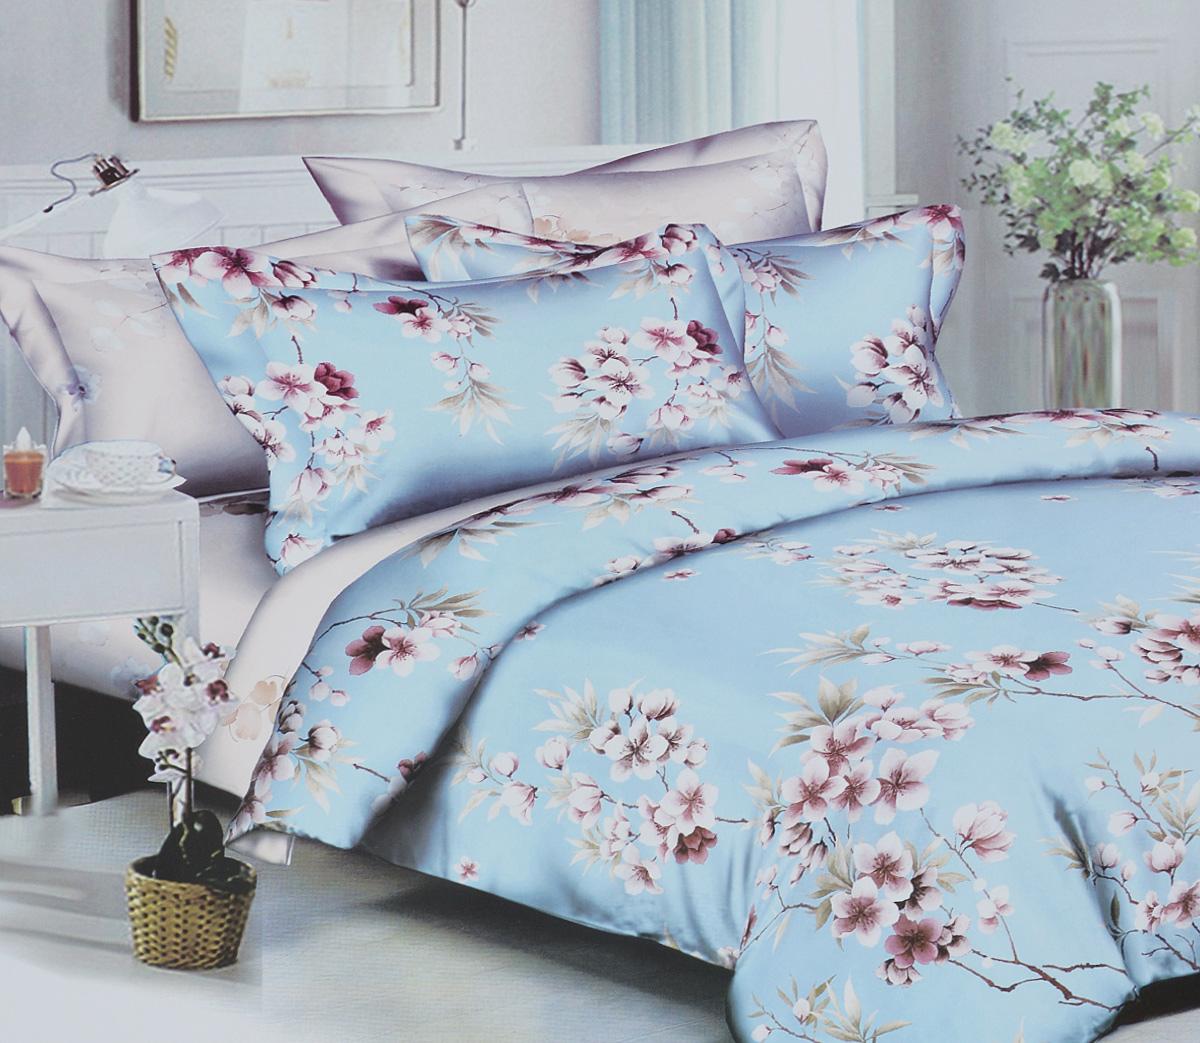 Комплект белья Primavera Classic Полевые цветы, 1,5-спальный, наволочки 70х7030/033-PPКомплект постельного белья Primavera Classic Полевые цветы является экологически безопасным для всей семьи, так как выполнен из высококачественного сатина (100% хлопка). Комплект состоит из пододеяльника на молнии, простыни и двух наволочек. Постельное белье оформлено ярким рисунком цветов и имеет изысканный внешний вид. Сатин - производится из высших сортов хлопка, а своим блеском и легкостью напоминает шелк. Постельное белье из сатина превращает жаркие летние ночи в прохладные и освежающие, а холодные зимние - в теплые и согревающие. Приобретая комплект постельного белья Primavera Classic Полевые цветы, вы можете быть уверенны в том, что покупка доставит вам и вашим близким удовольствие и подарит максимальный комфорт.